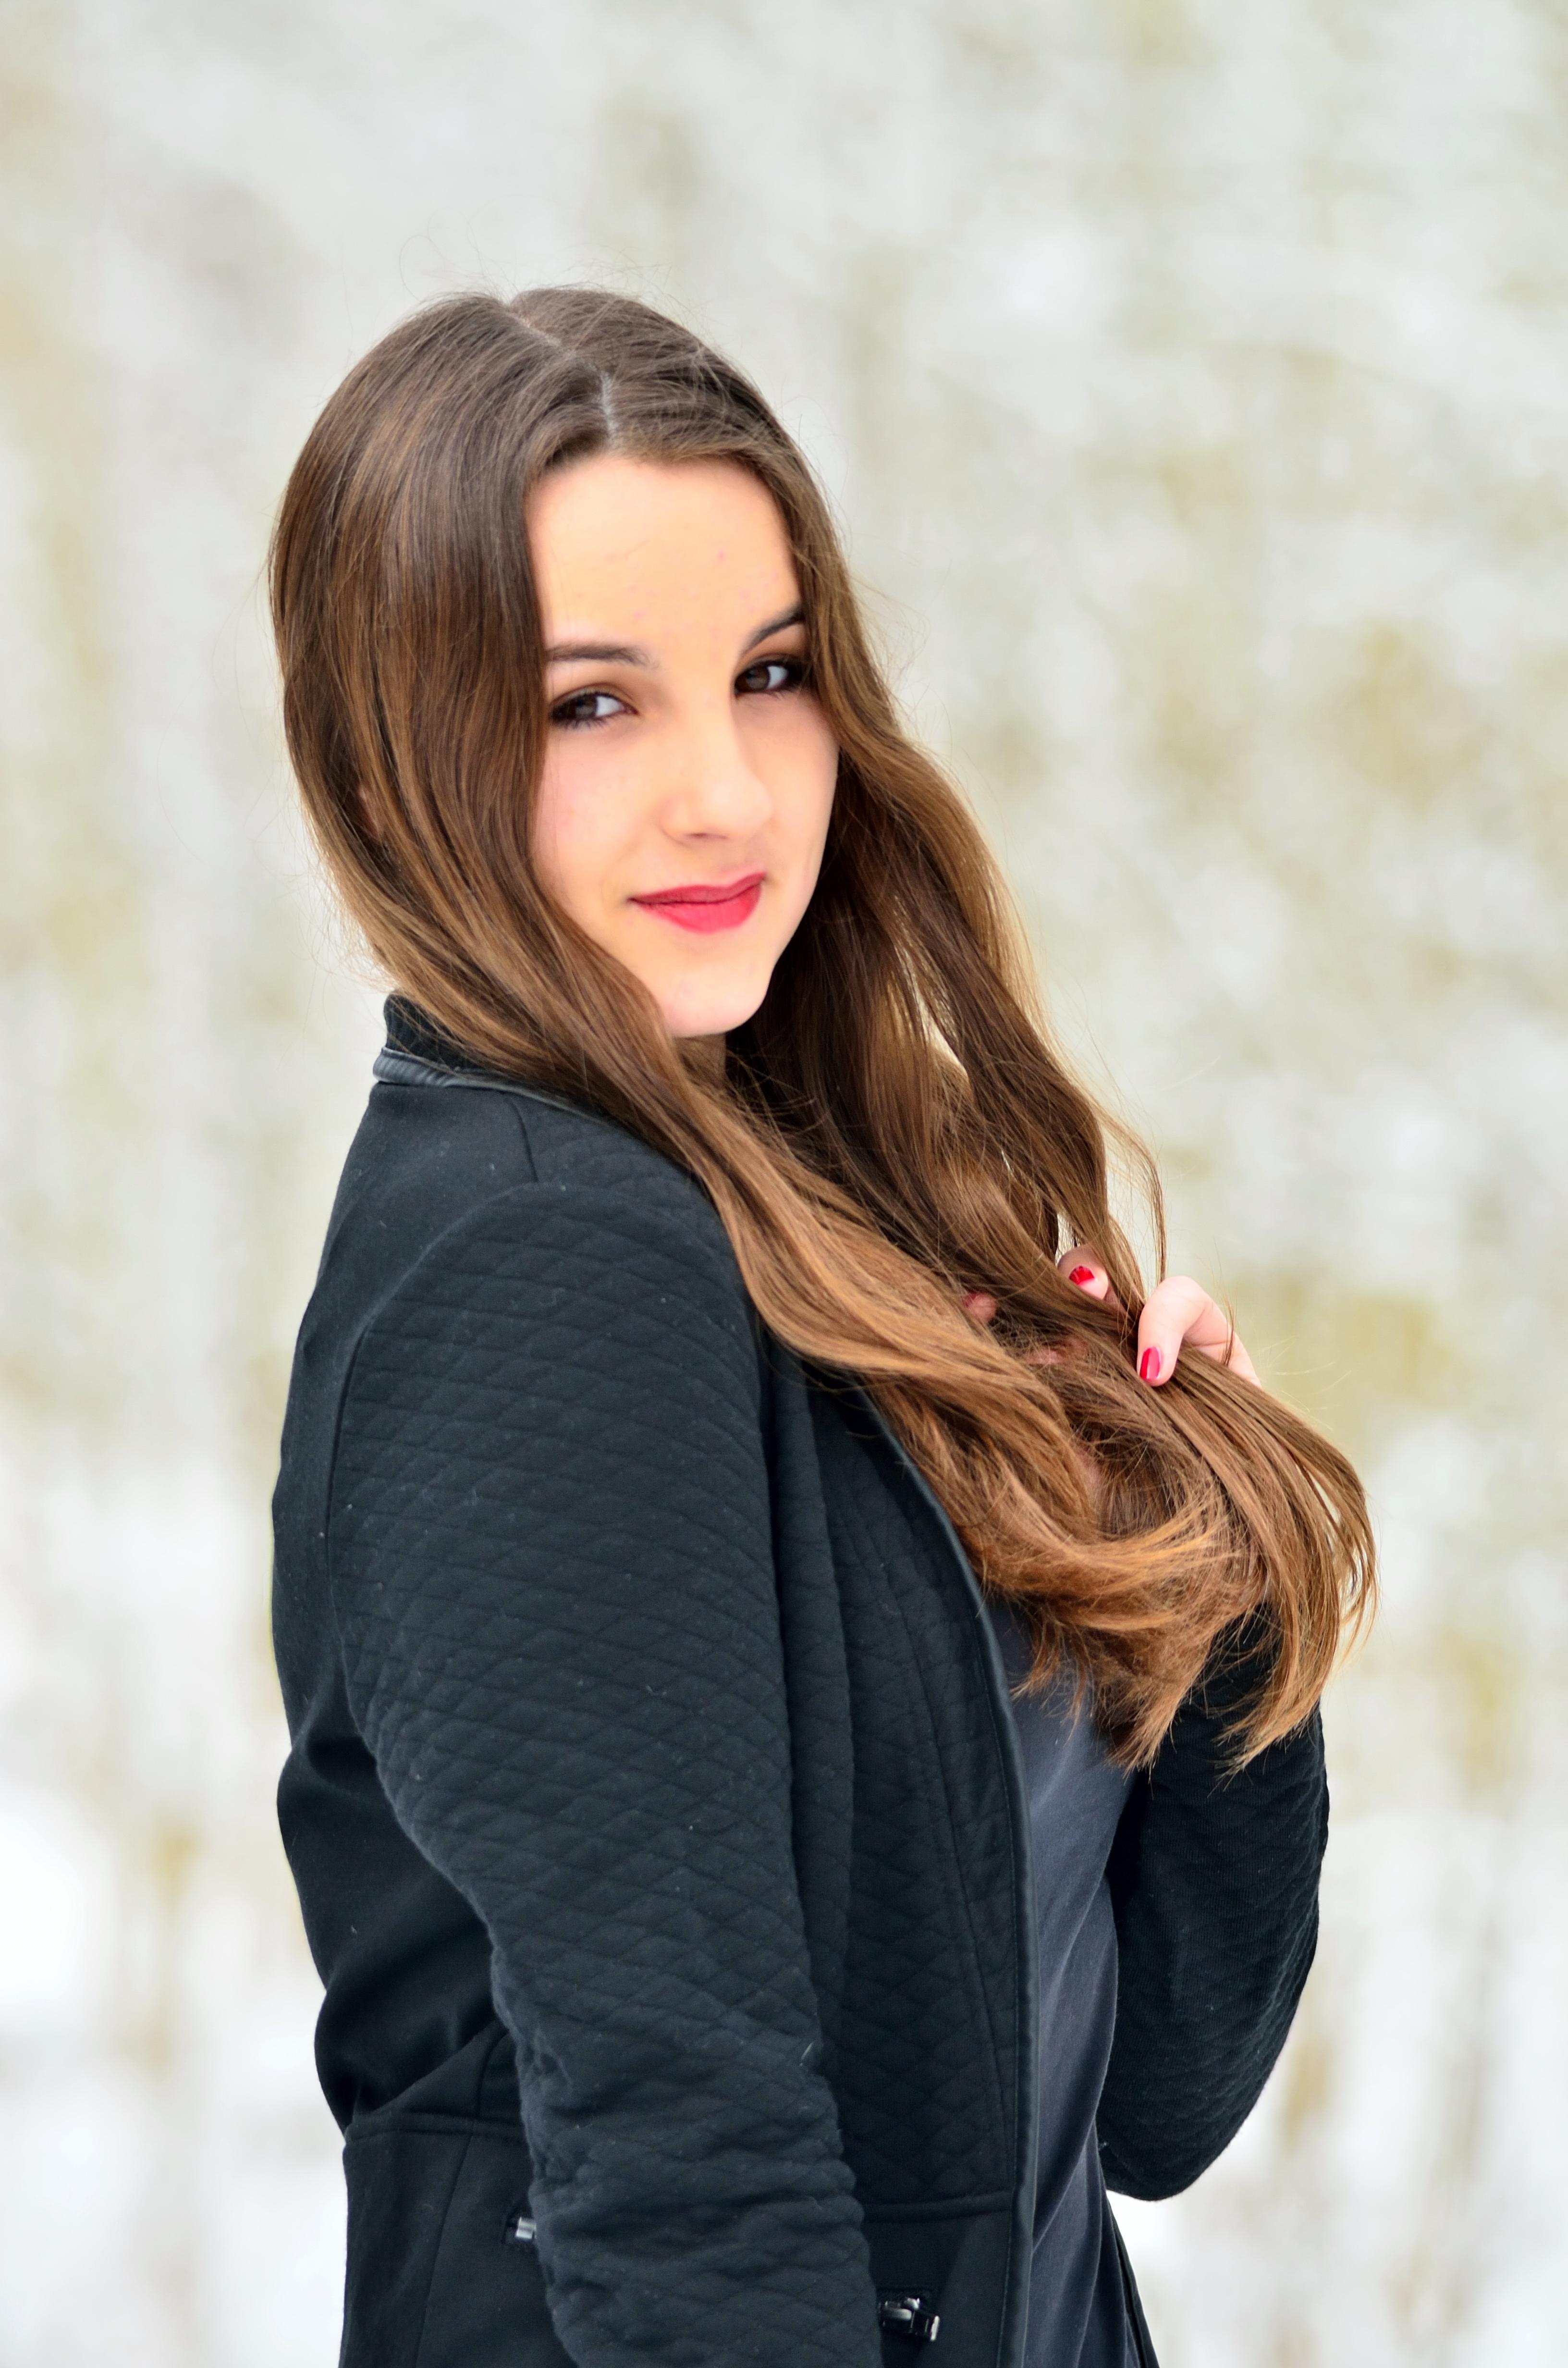 Lilia Zoe